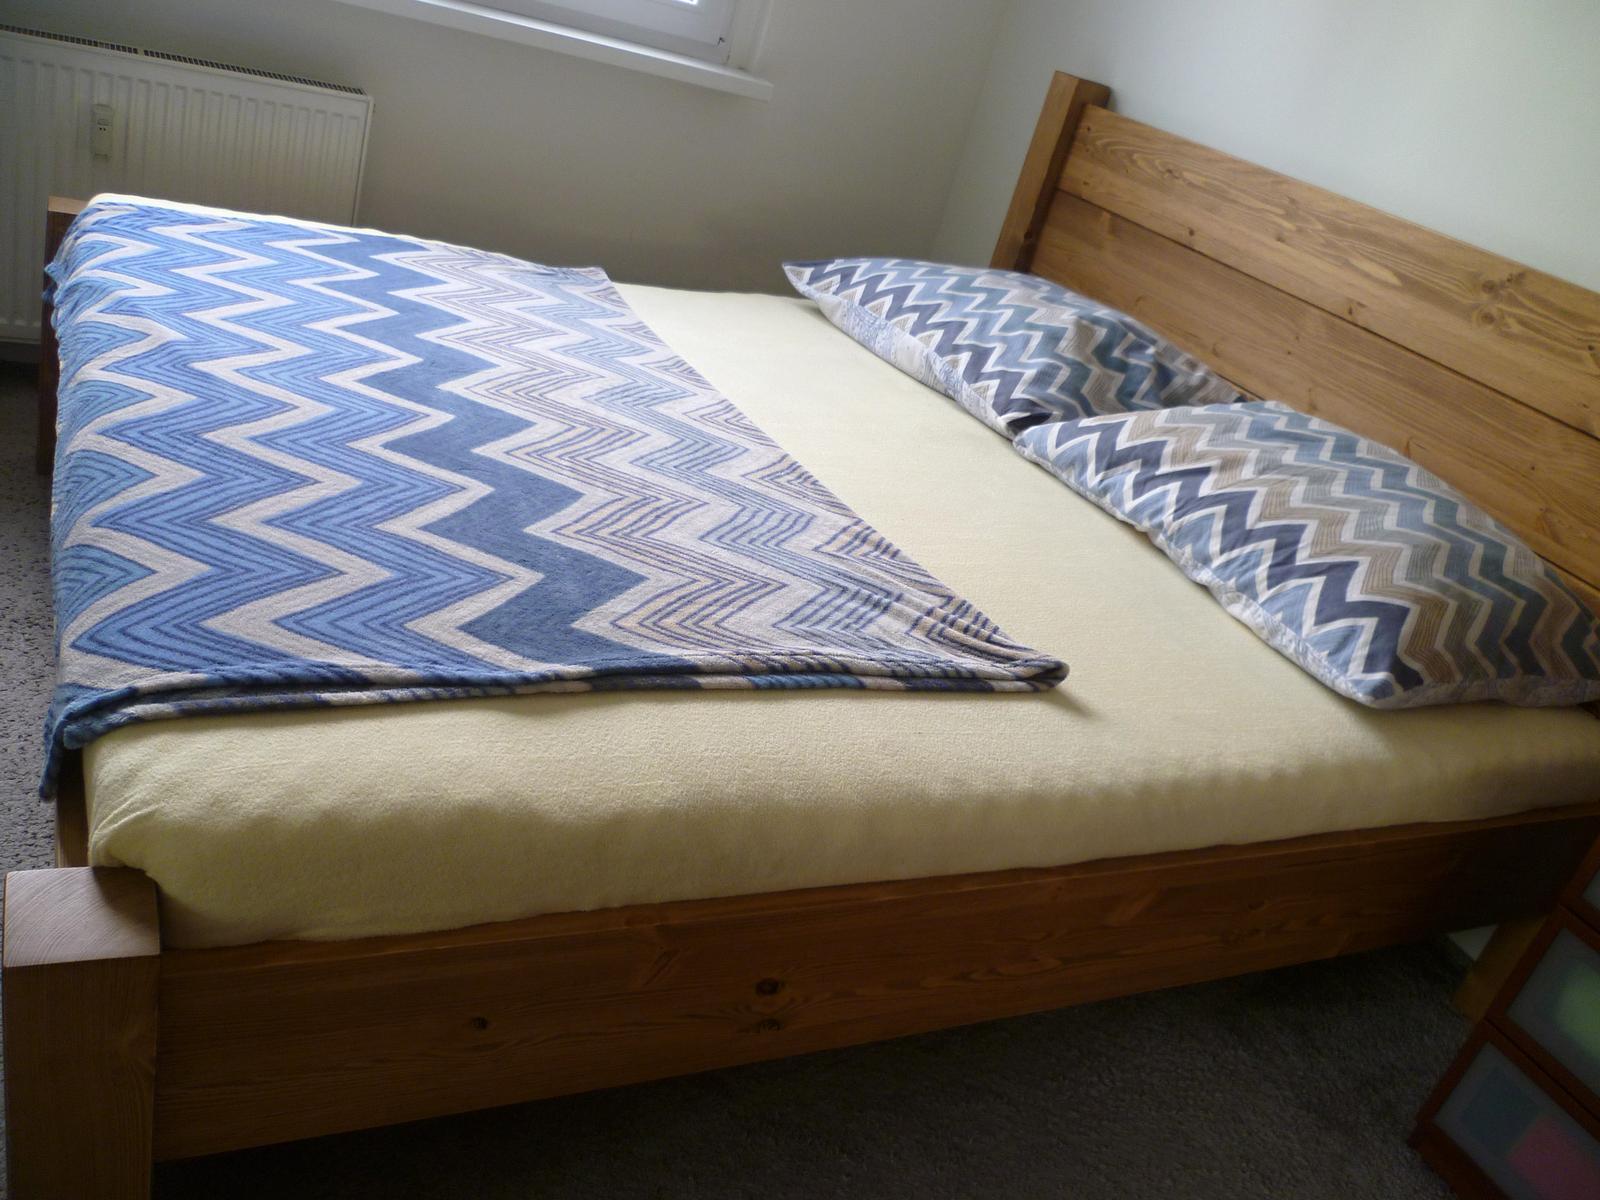 Naše nová, borovicová postel, GABON BIG, hlavové čelo zvýšené na 115 cm :-) ...je super! - Obrázek č. 1